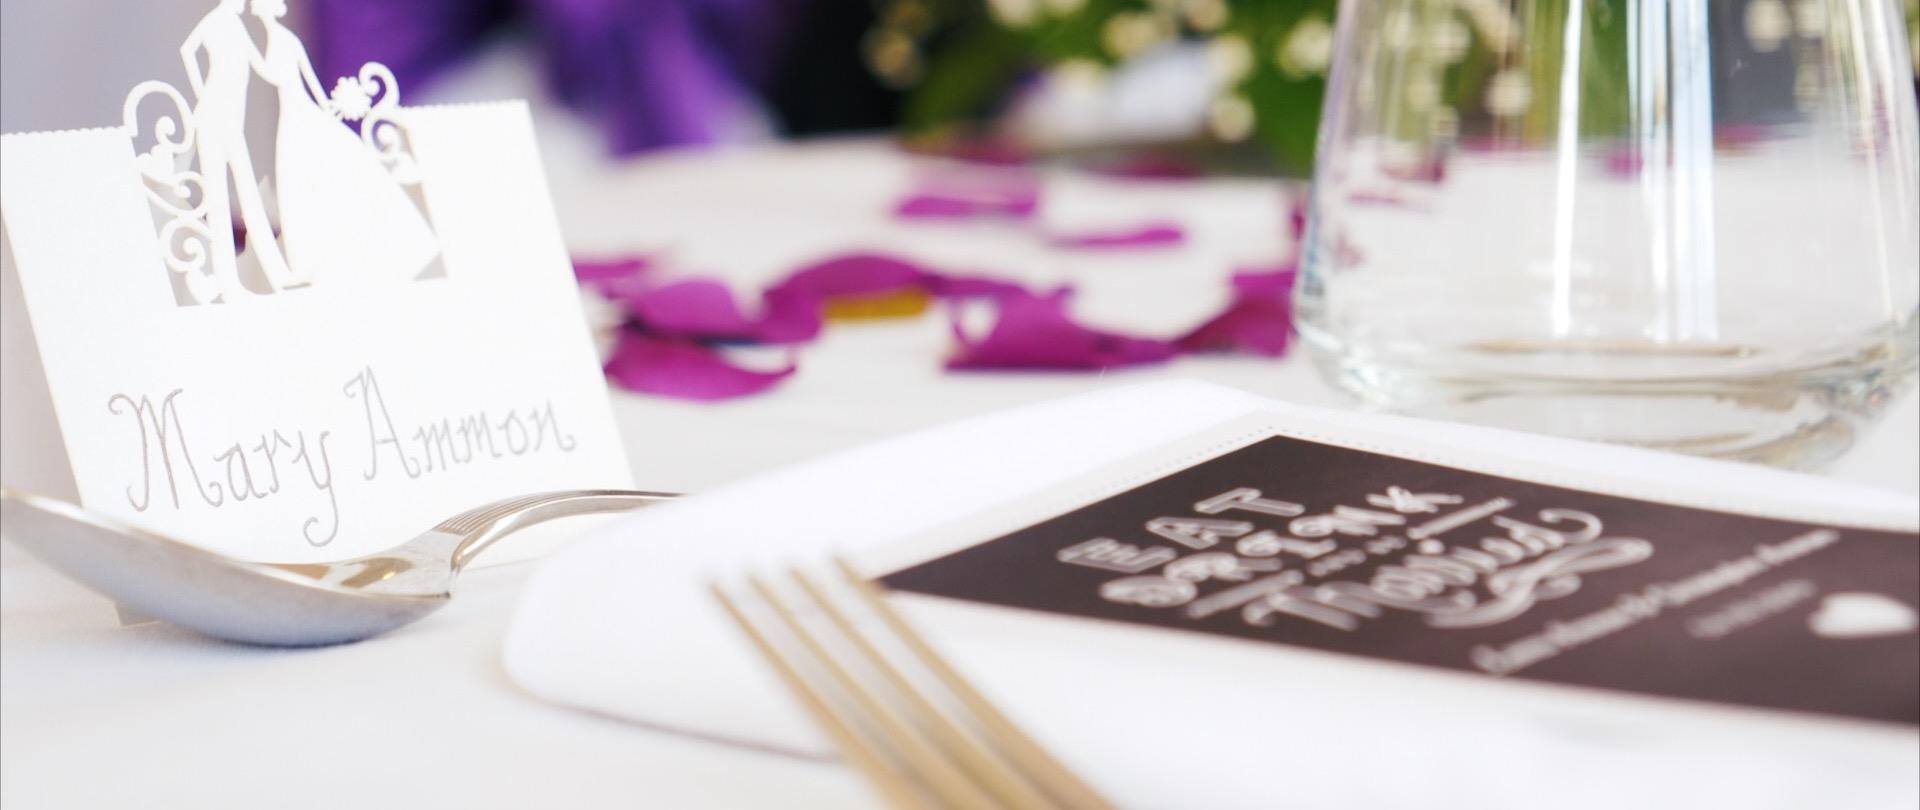 Cromwell Manor Wedding Breakfast Details.jpg